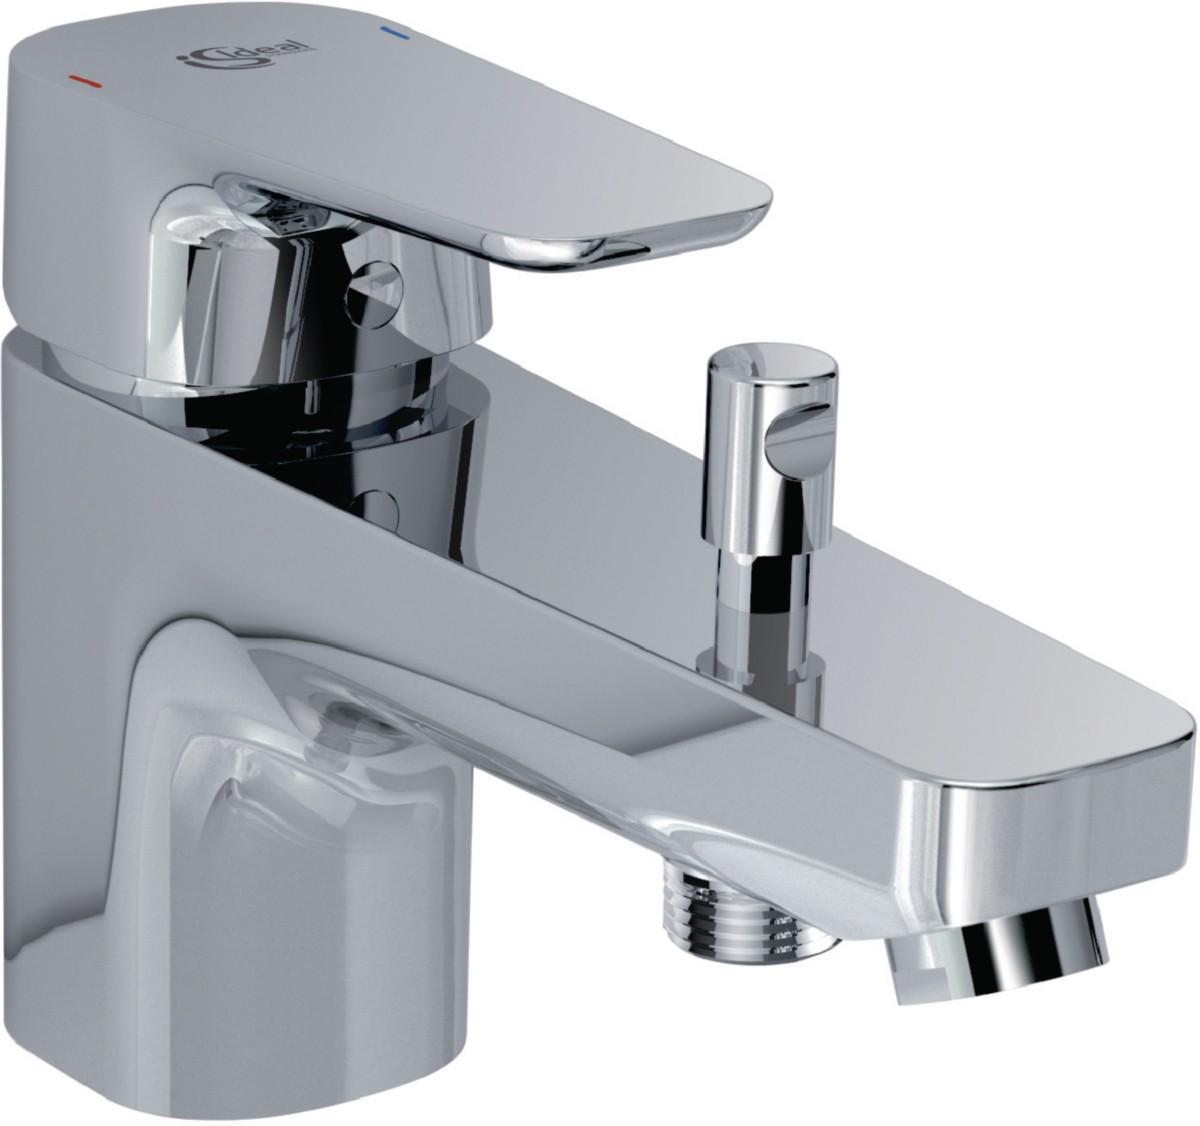 robinet monotrou mitigeur bain douche ideal standard kheops livre et pose sous 48h